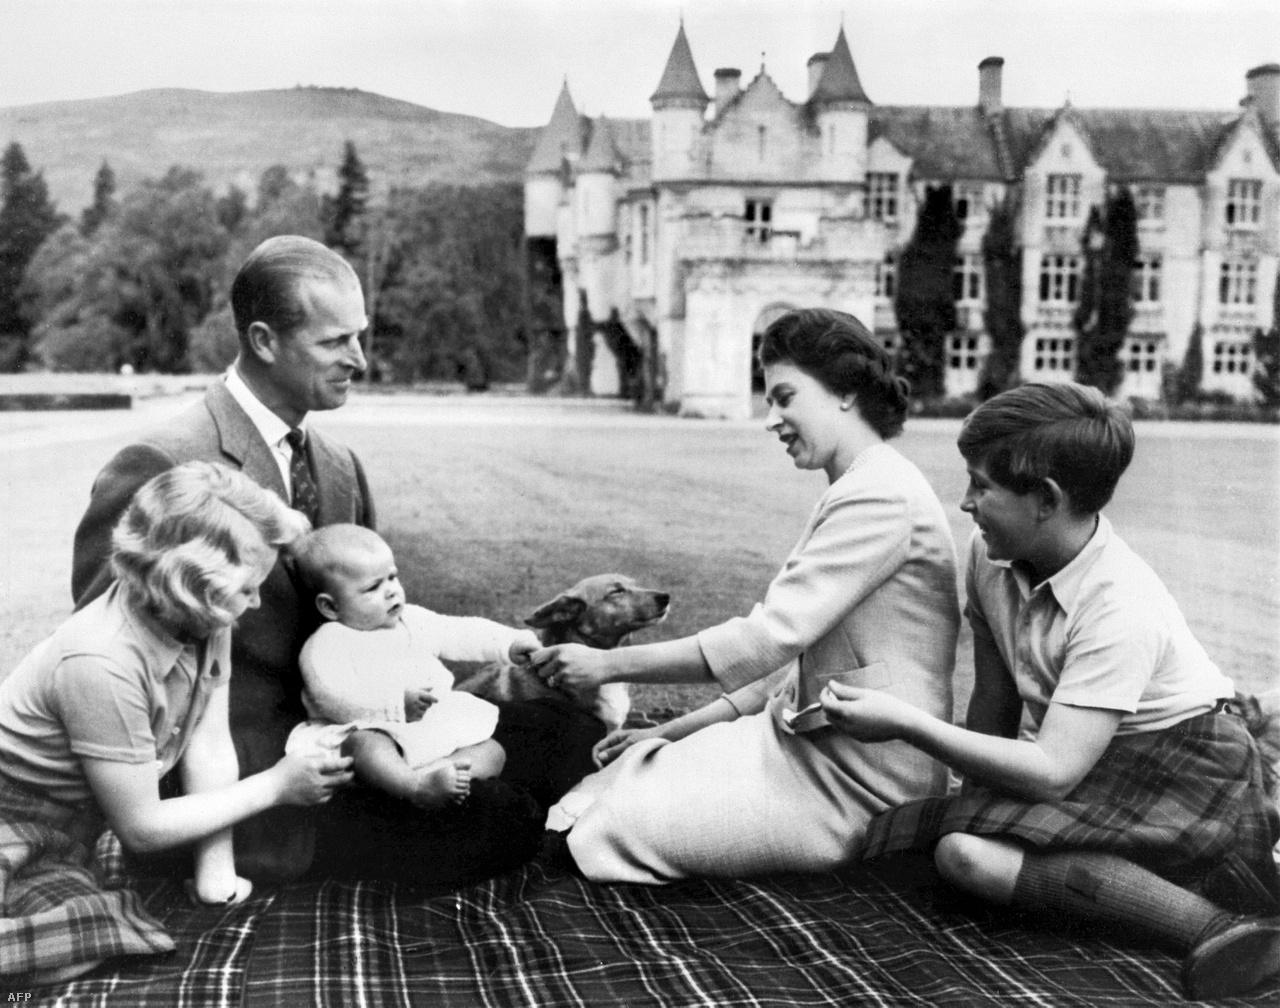 Összesen négy gyerekük született: Károly walesi herceg, Anna brit királyi hercegnő, András yorki herceg és Eduárd wessexi gróf. Az 1960-as képen még András a legkisebb.